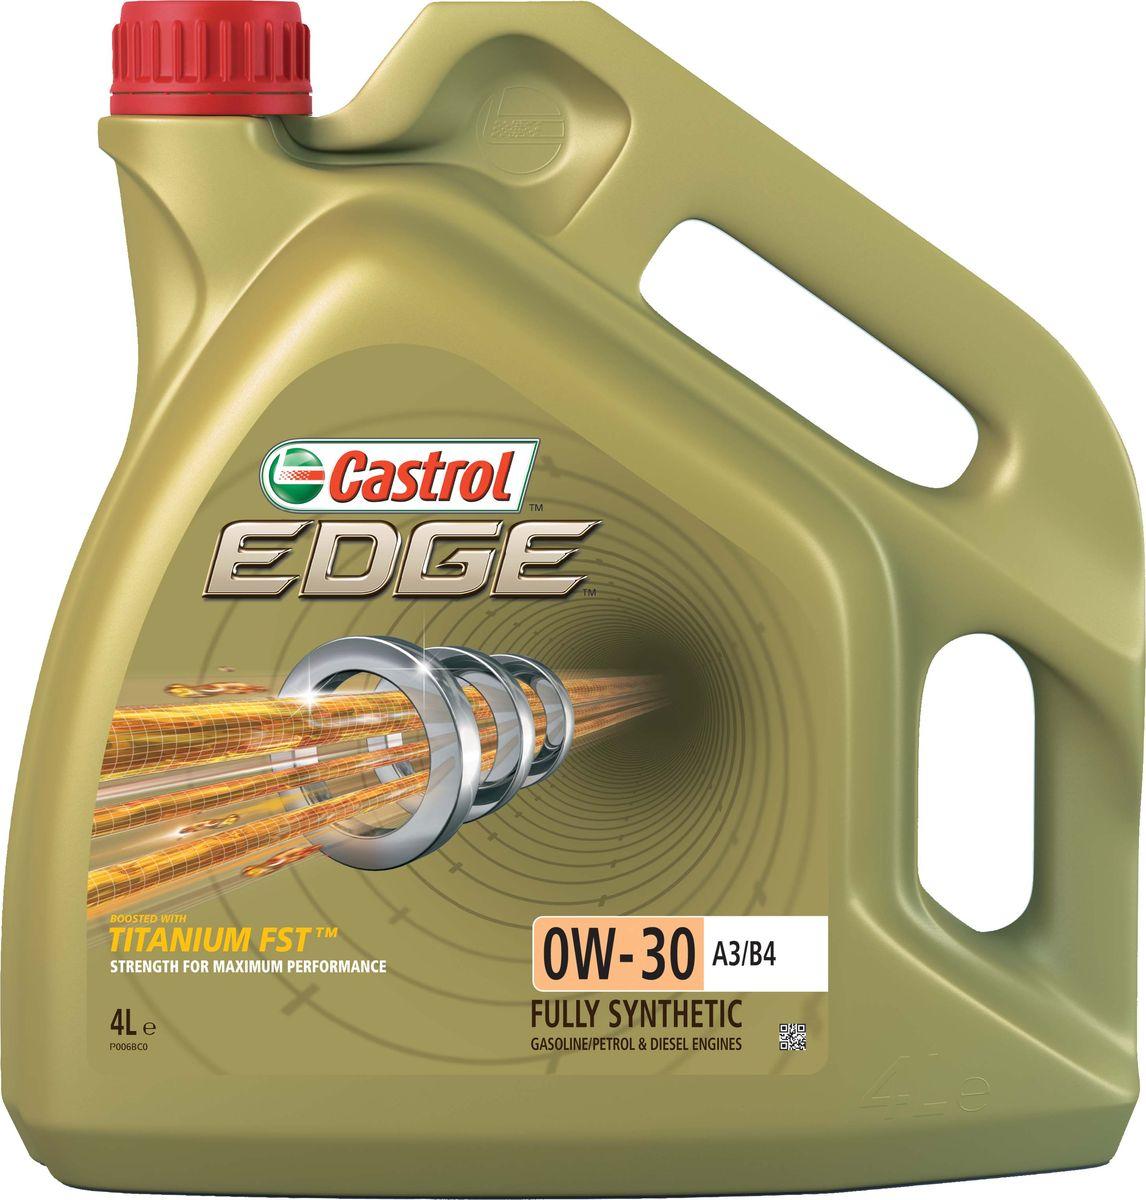 Масло моторное Castrol Edge, синтетическое, класс вязкости 0W-30, A3/B4, 4 л. 157E6BS03301004Полностью синтетическое моторное масло Castrol Edge произведено с использованием новейшей технологии TITANIUM FST™, придающей масляной пленке дополнительную силу и прочность благодаря соединениям титана.TITANIUM FST™ радикально меняет поведение масла в условиях экстремальных нагрузок, формируя дополнительный ударопоглащающий слой. Испытания подтвердили, что TITANIUM FST™ в 2 раза увеличивает прочность пленки, предотвращая ее разрыв и снижая трение для максимальной производительности двигателя.С Castrol Edge ваш автомобиль готов к любым испытаниям независимо от дорожных условий.Применение:Castrol Edge предназначено для бензиновых и дизельных двигателей автомобилей, где производитель рекомендует моторные масла класса вязкости SAE 0W-30 спецификаций ACEA A3/B3, A3/B4, API SL/CF или более ранних.Castrol Edge одобрено к применению ведущими производителями техники.Castrol Edge обеспечивает надежную и максимально эффективную работусовременных высокотехнологичных двигателей, созданных по новейшим инженерным разработкам, которые работают в условиях ужесточенных допусков производителей техники, требующих высокого уровня защиты и использования маловязких масел.Castrol Edge:- поддерживает максимальную эффективность работы двигателя, как в краткосрочном периоде времени, так и на длительный срок эксплуатации;- подавляет образование отложений, способствуя повышению скорости реакции двигателя на нажатие педали акселератора;- обеспечивает непревзойденный уровень защиты мотора в разных условиях движения и широком диапазоне температур;- обеспечивает и поддерживает максимальную мощность двигателя в течении длительного времени, даже в условиях интенсивной эксплуатации;- повышает КПД двигателя (независимо подтверждено);- Отличные низкотемпературные свойства. Спецификации:ACEA A3/B3, A3/B4,API SL/CF,BMW Longlife-01,Meets Fiat 9.55535-G1,MB-Approval 229.3/ 229.5,VW 502 00 / 505 00.Товар сертифициро